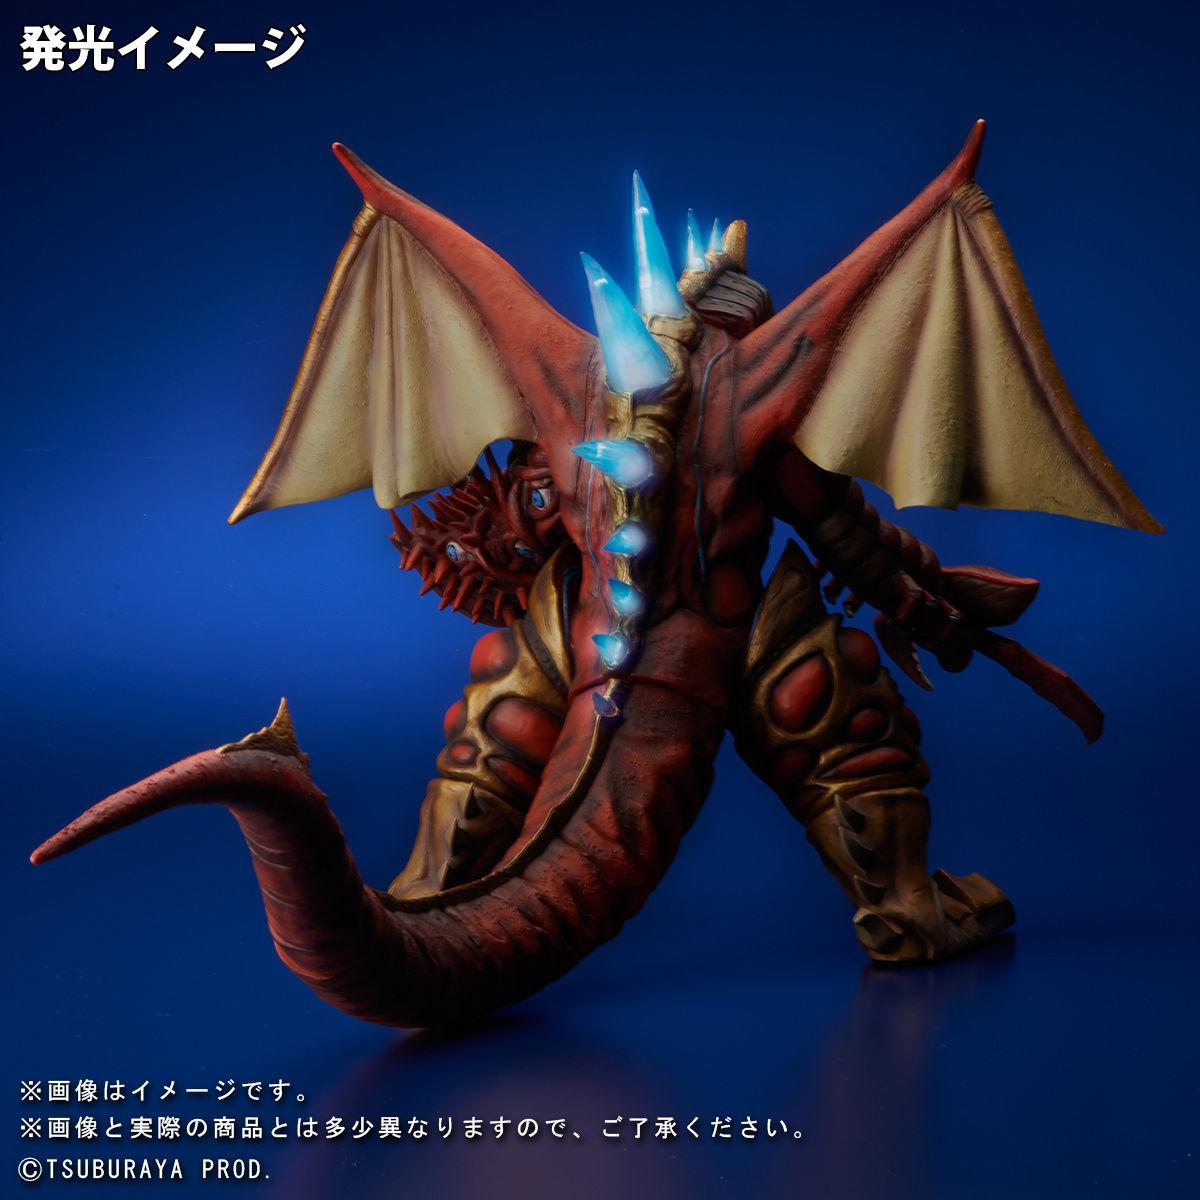 大怪獣シリーズ ULTRA NEW GENERATION『ファイブキング(発光Ver.)』ウルトラマンギンガS 完成品フィギュア-005